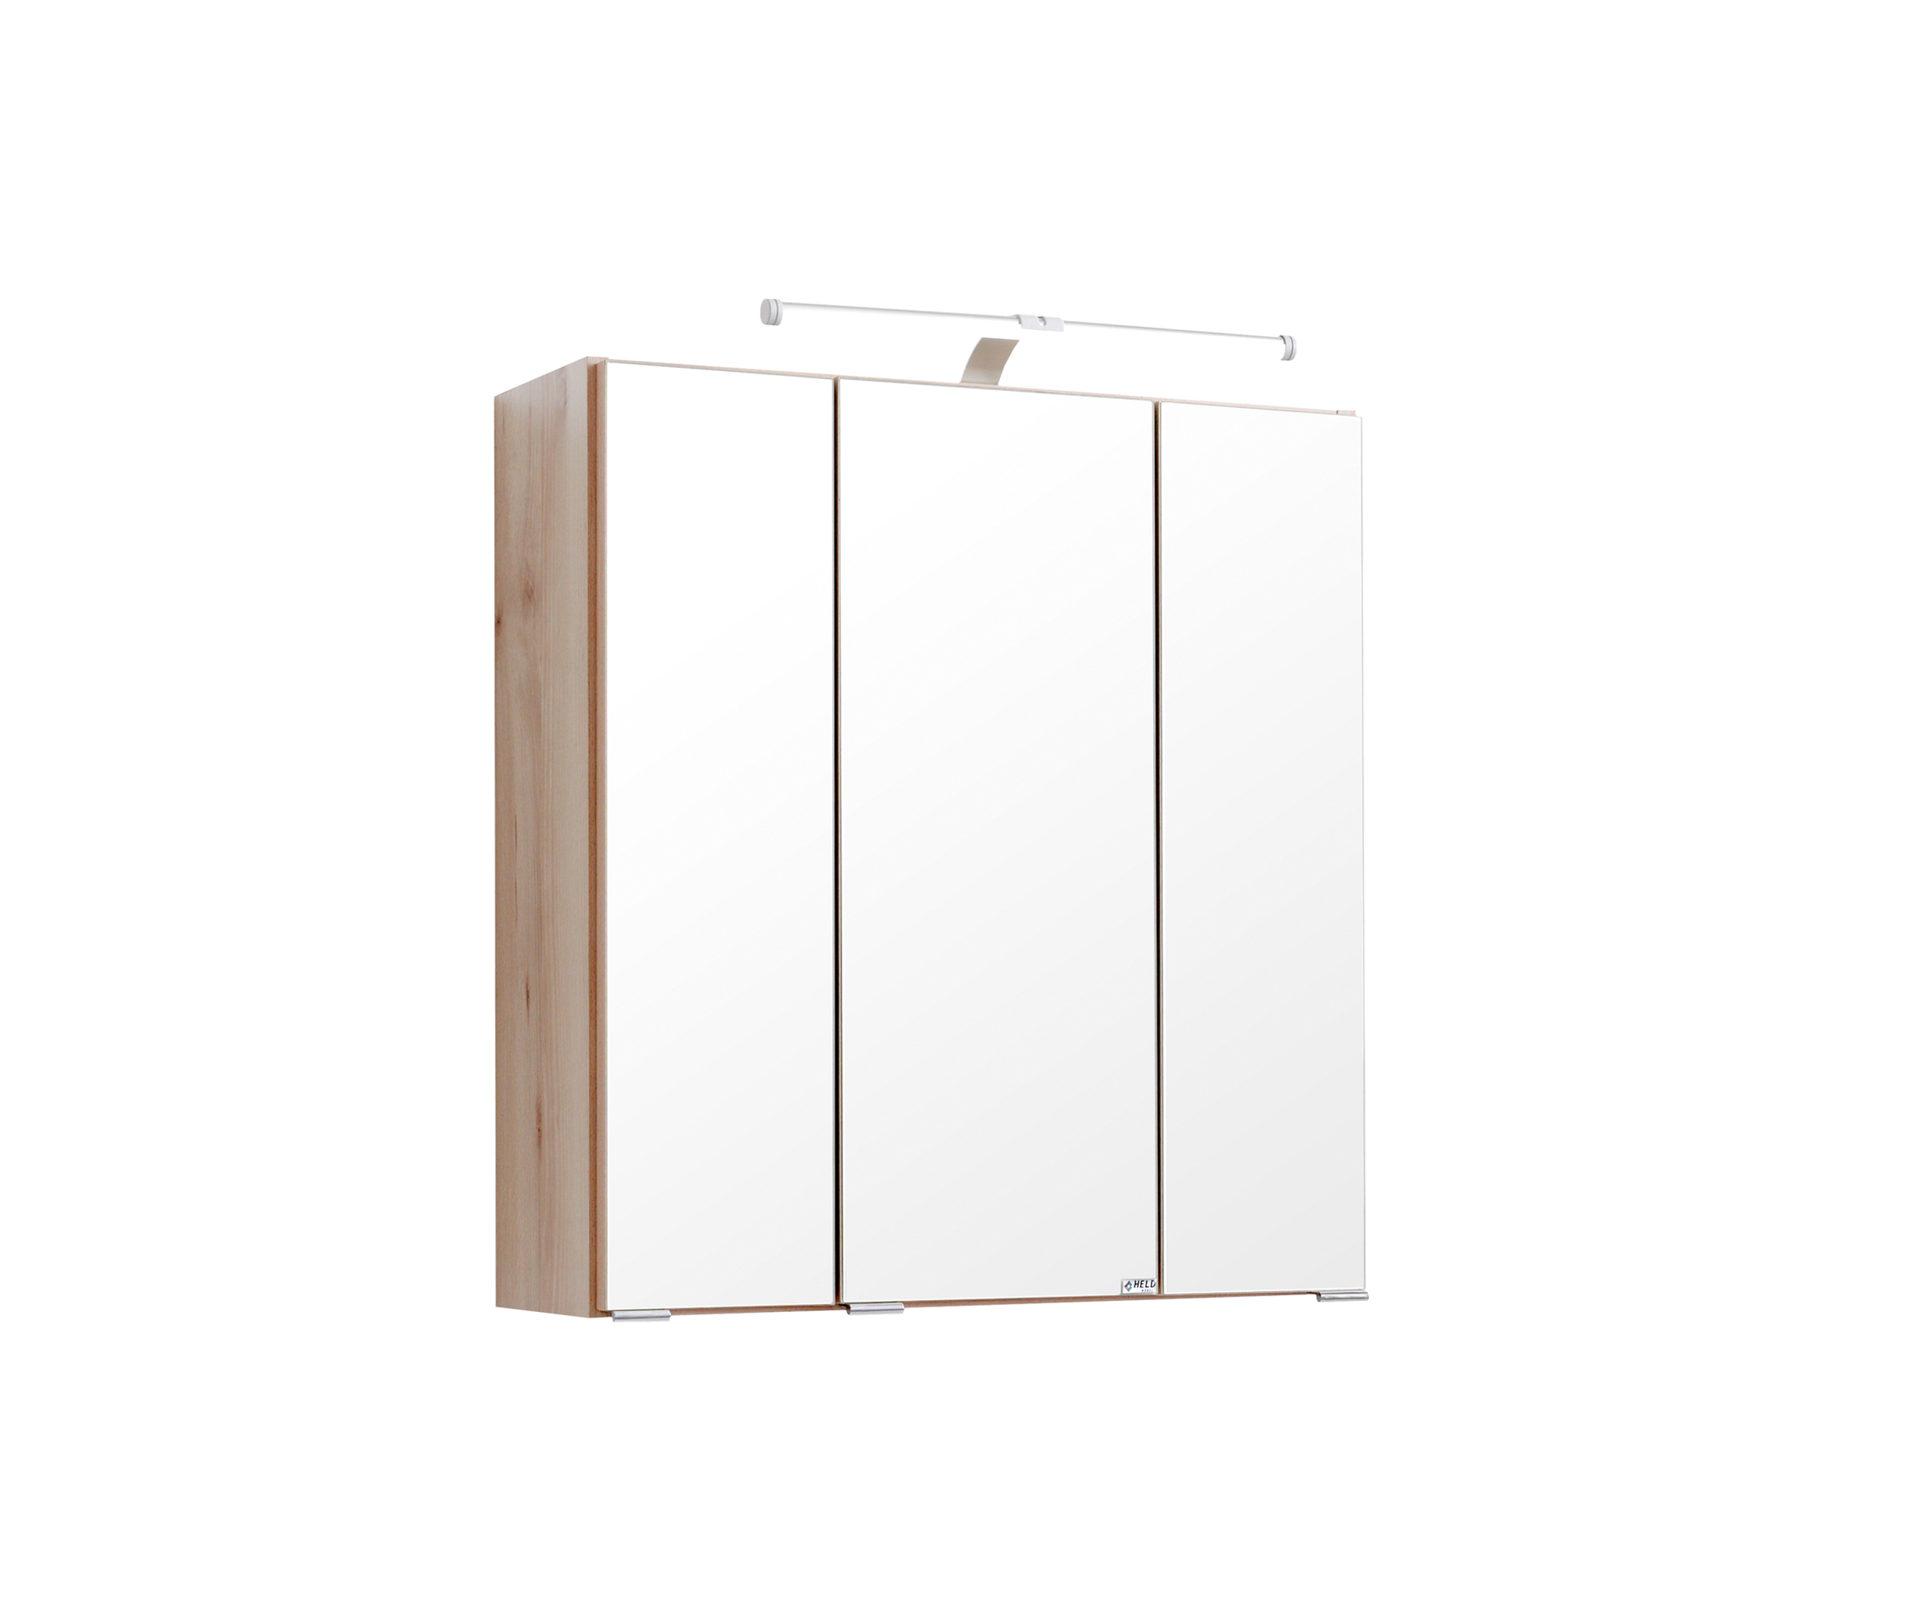 Wohnland Breitwieser Räume Badezimmer Spiegelschränke Spiegel